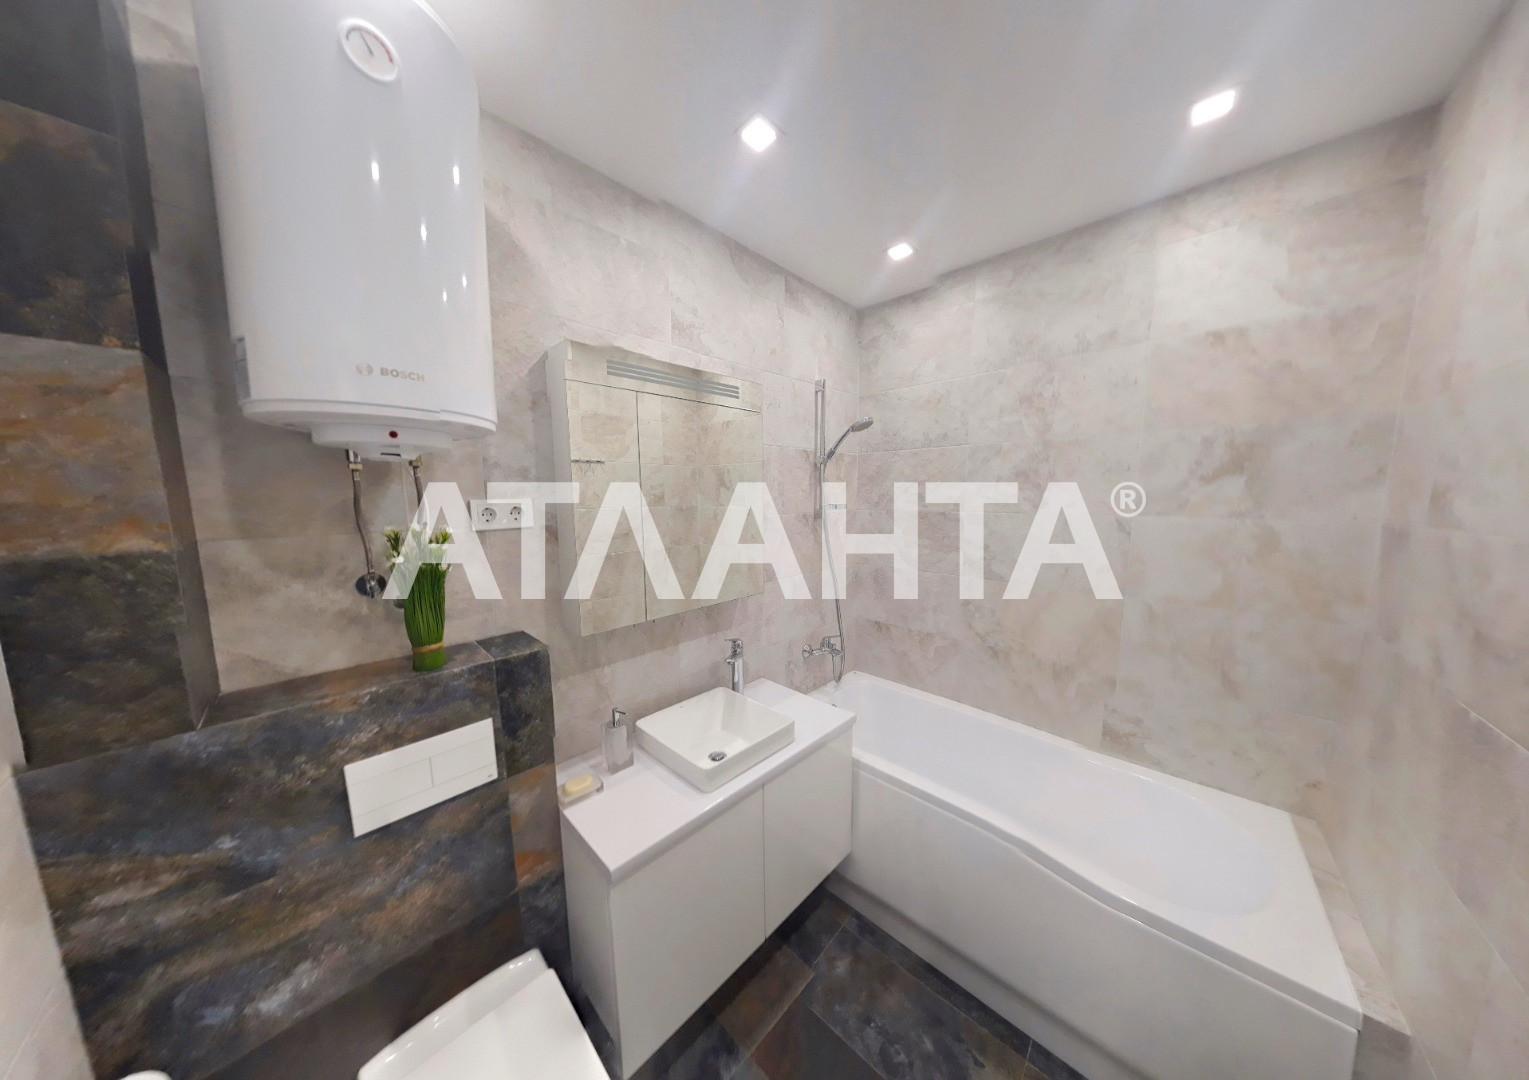 Продается 2-комнатная Квартира на ул. Теремковская — 85 000 у.е. (фото №6)